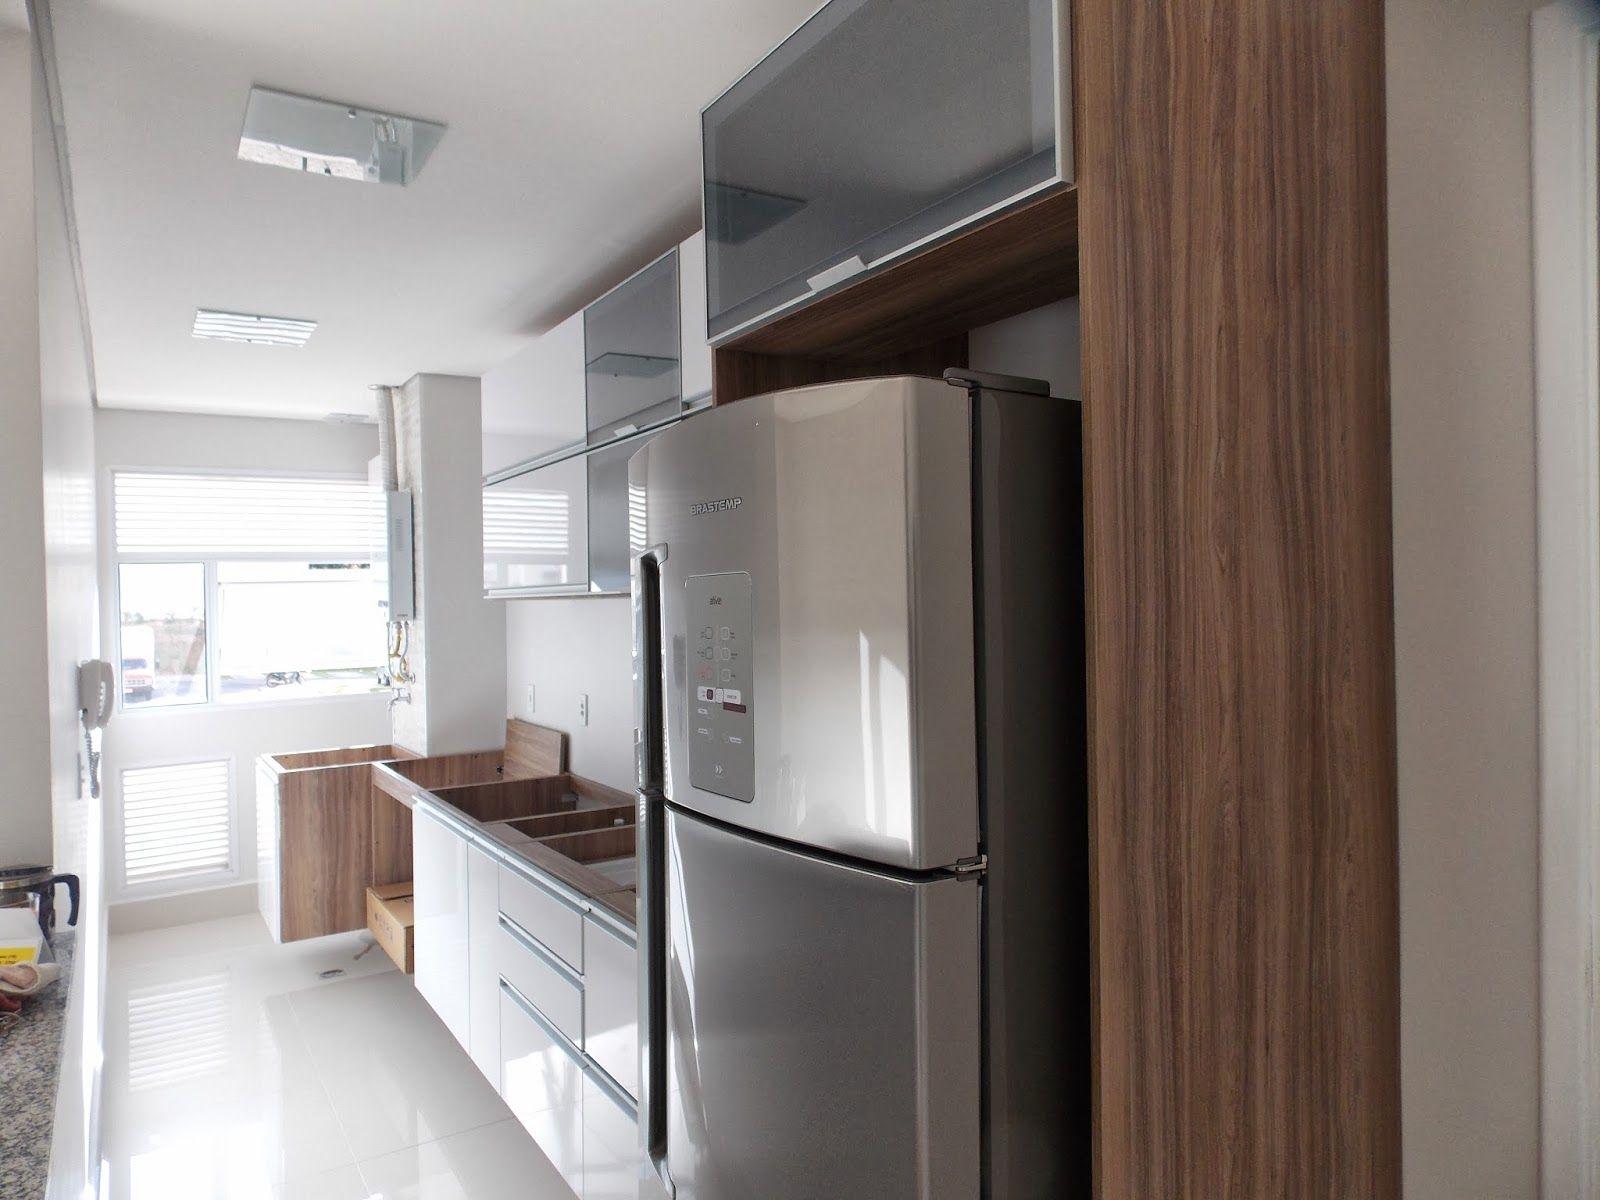 Loucos do 14!! Armários da cozinha instalados e geladeira nova  Decoração  # Armario De Cozinha Em Cima Da Geladeira